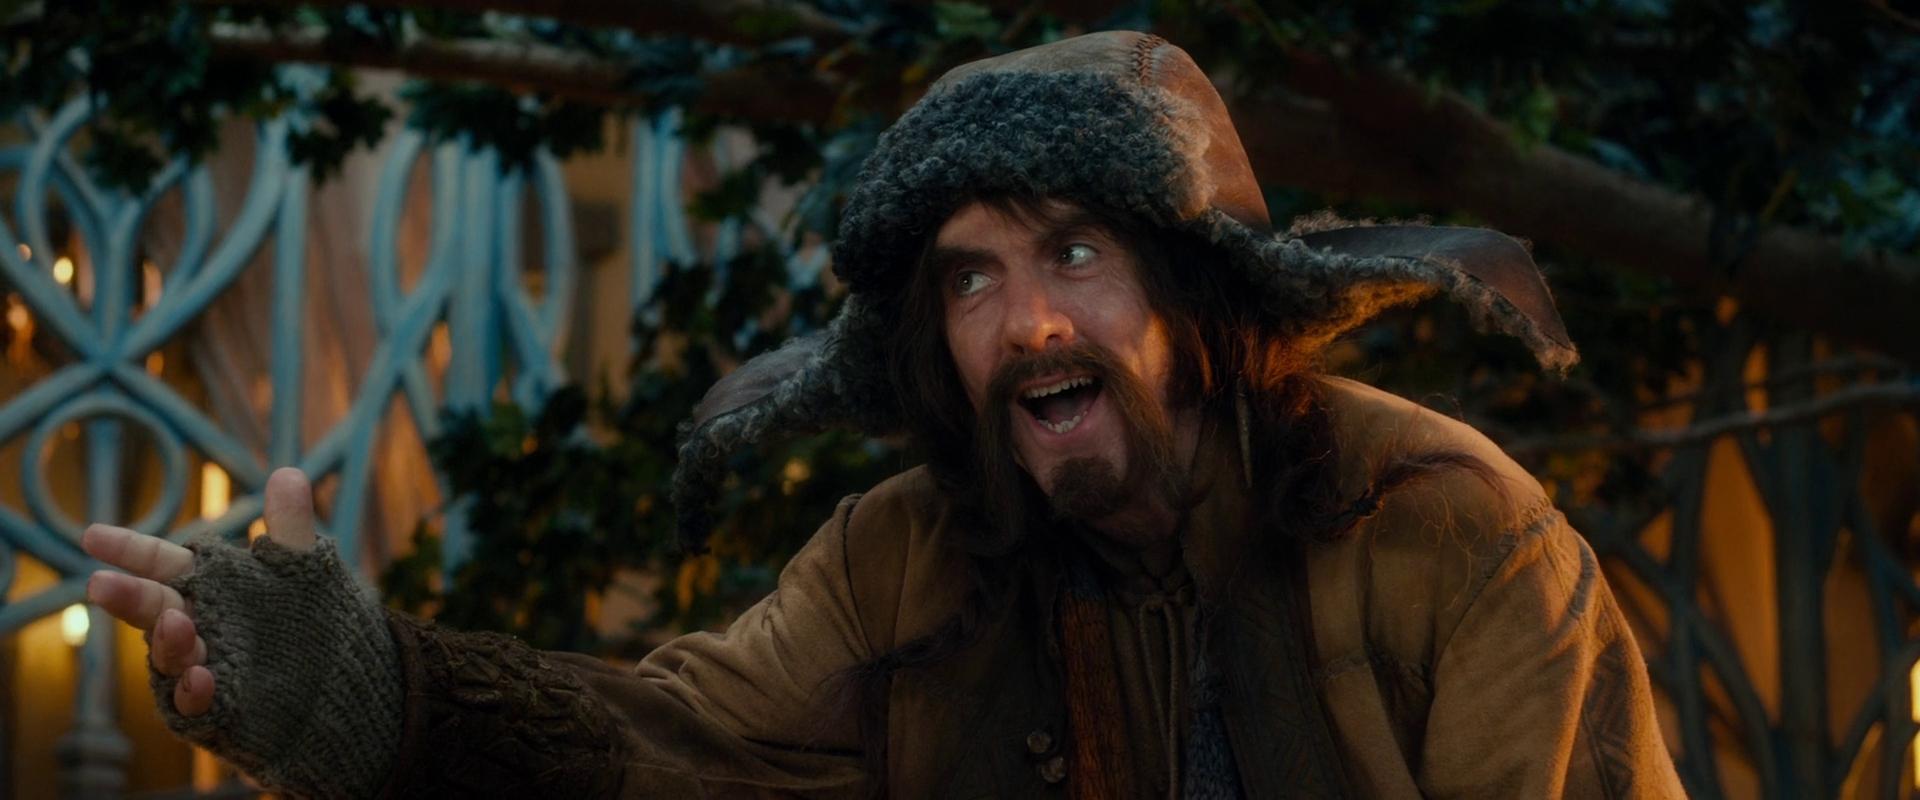 The hobbit 2012 torrent